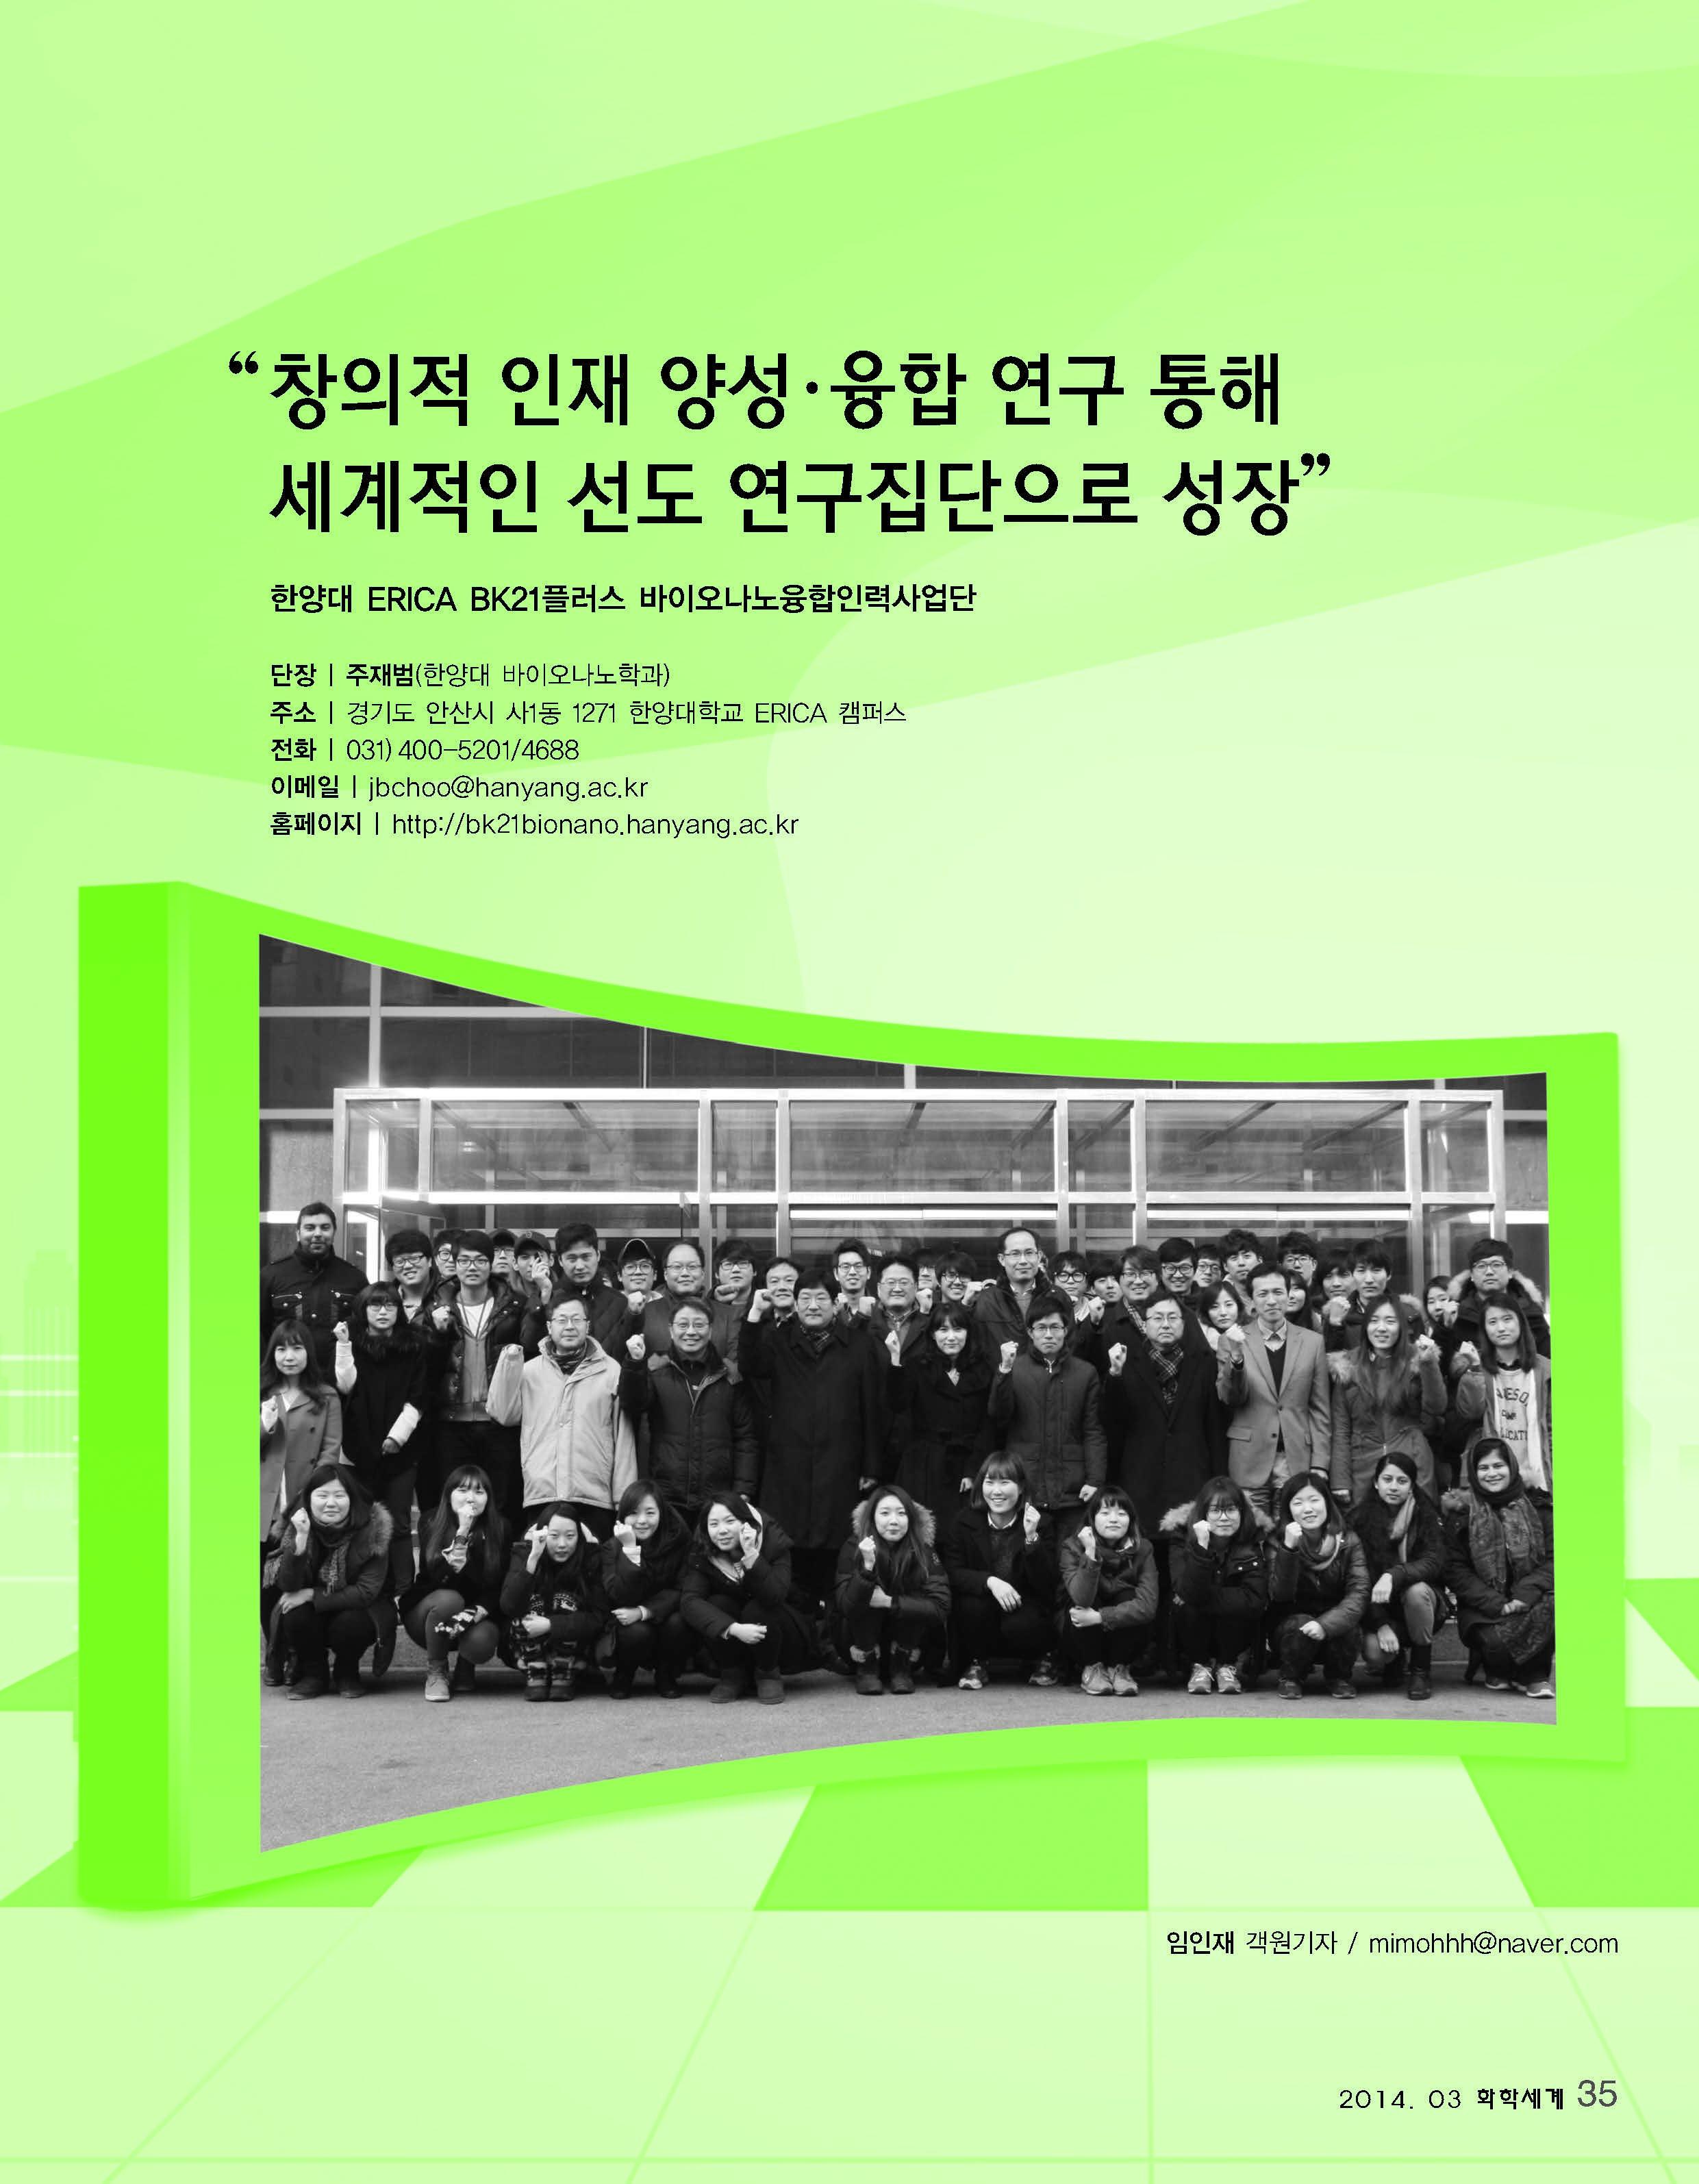 한양대학교바이오나노융합인력사업단_페이지_1.jpg